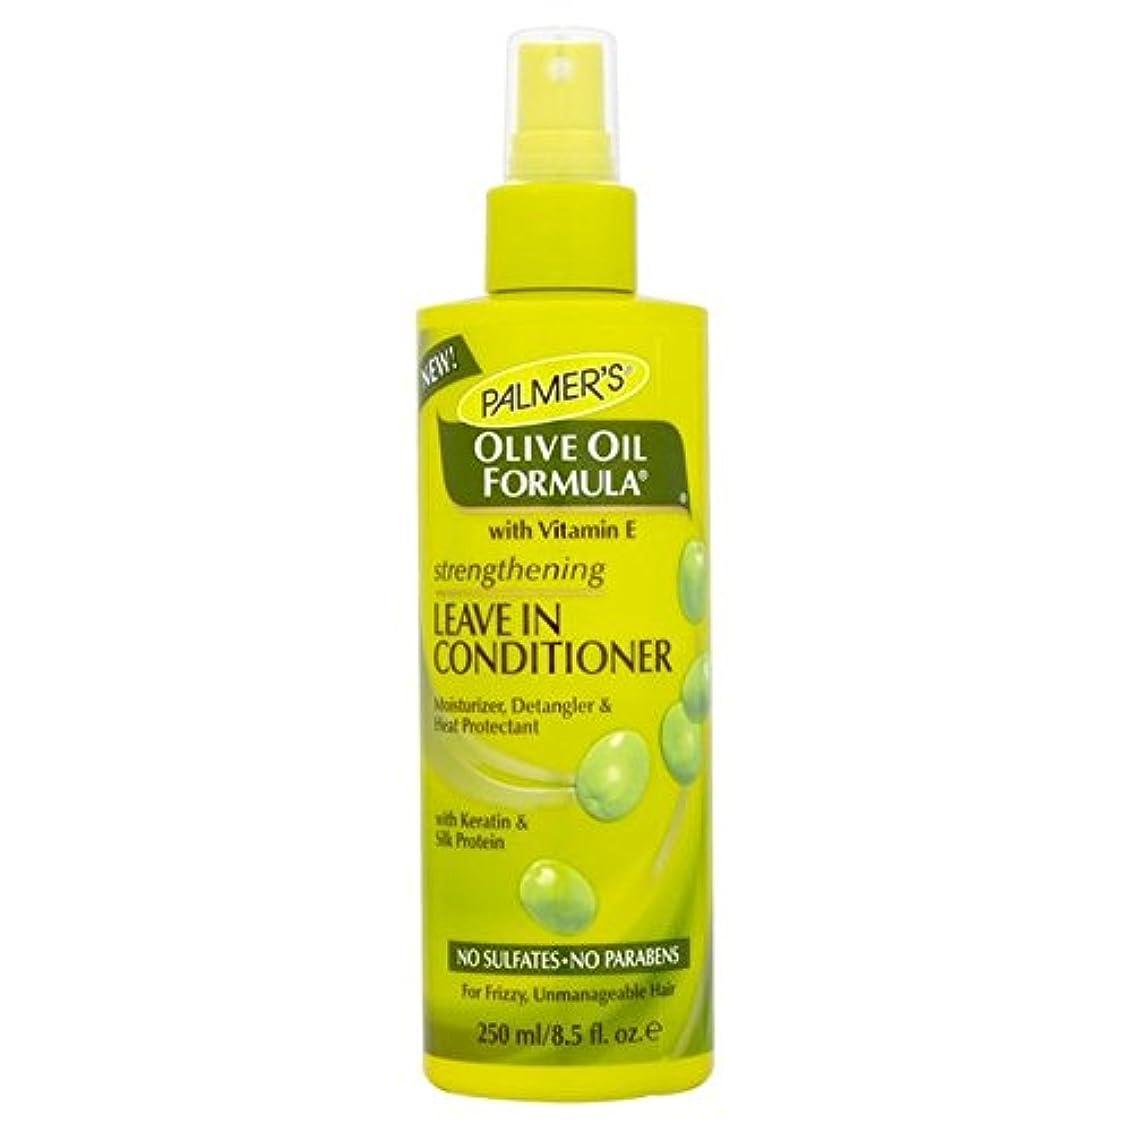 パン思い出すとげのあるリーブインコンディショナー250を強化パーマーのオリーブオイル式 x2 - Palmer's Olive Oil Formula Strengthening Leave-in Conditioner 250ml (Pack of 2) [並行輸入品]